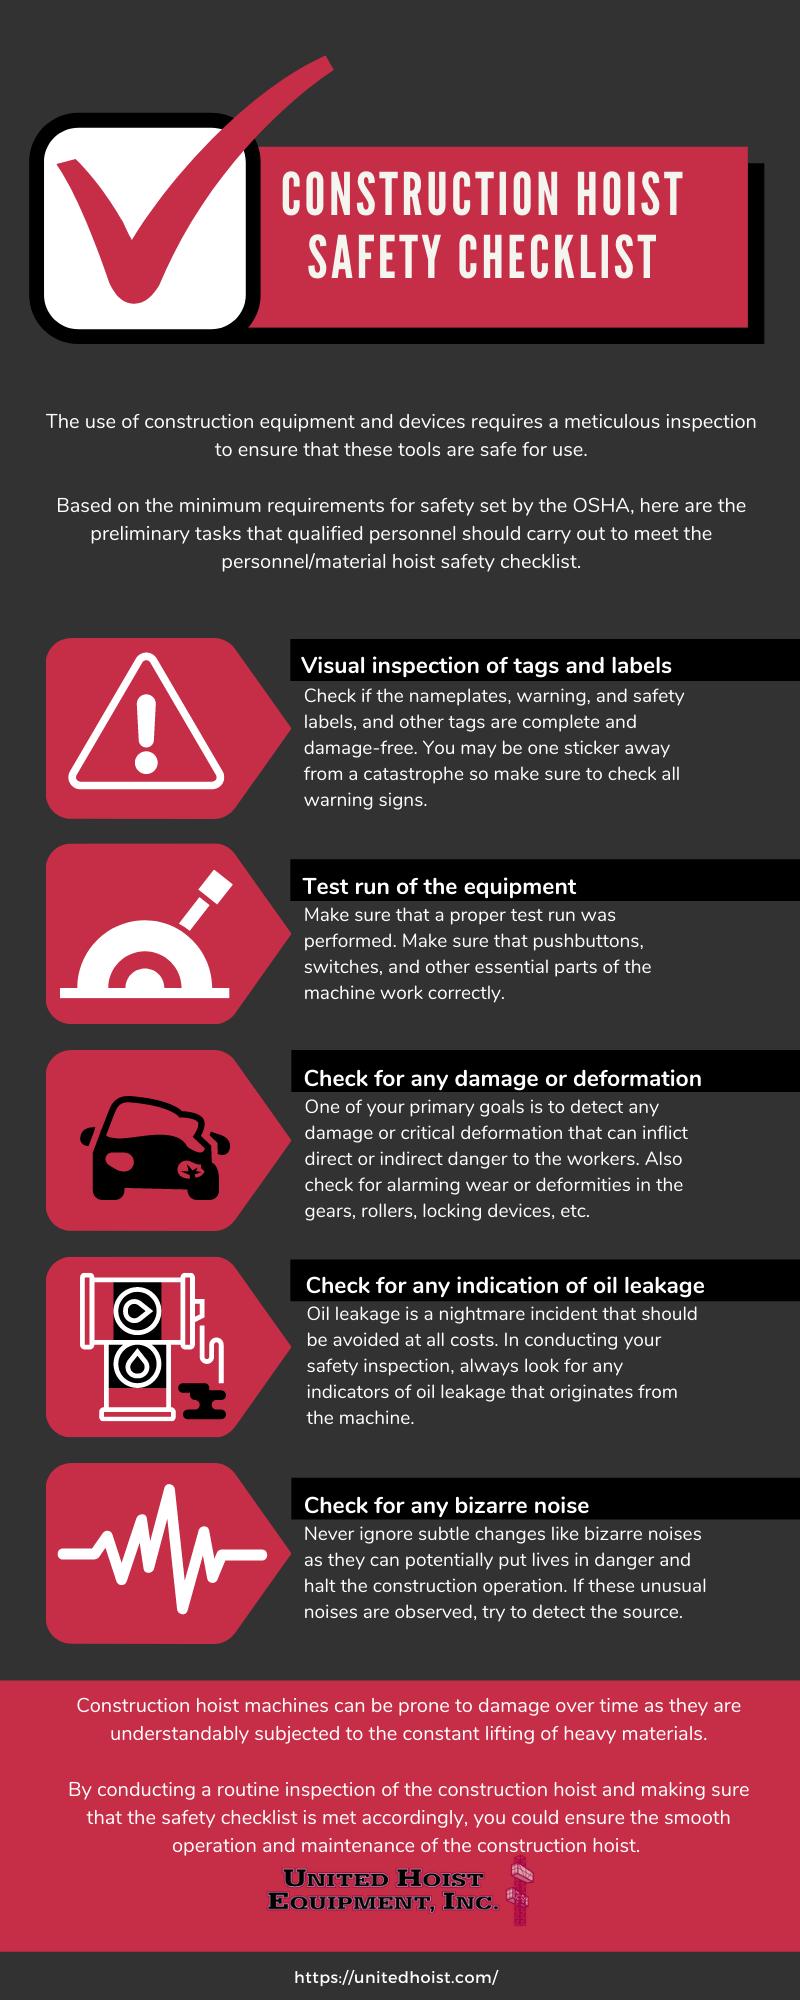 Construction Hoist Safety Checklist (1)